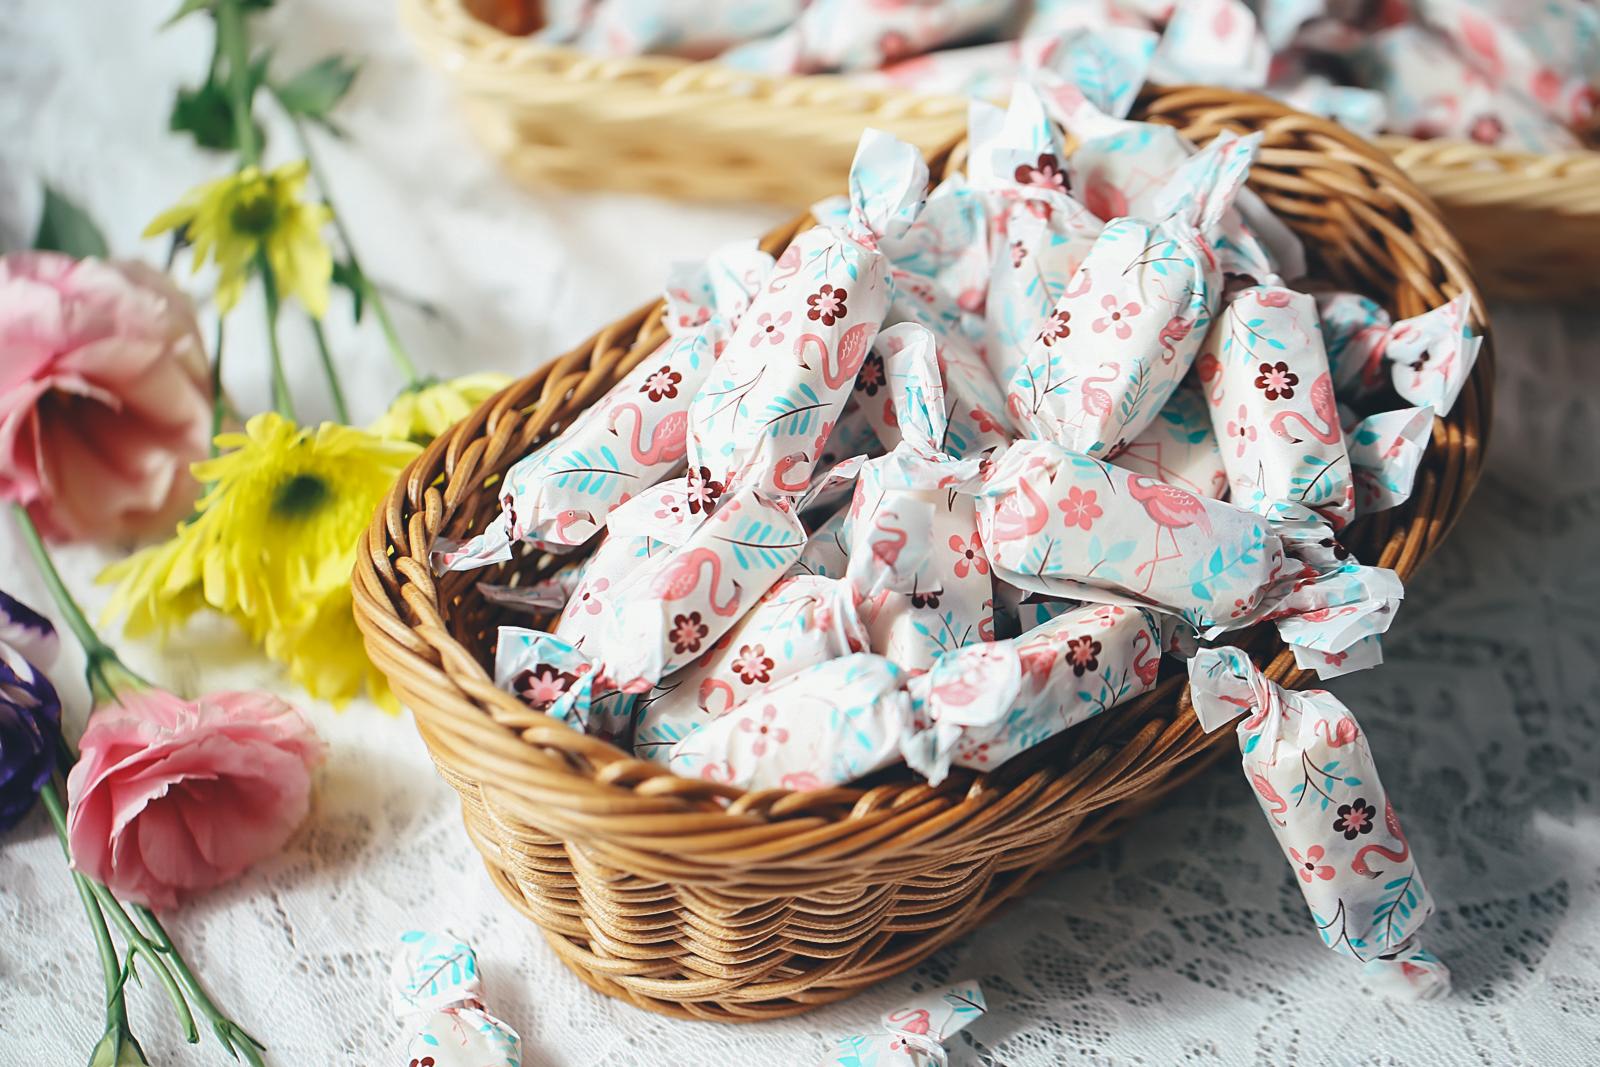 牛轧糖还是自己做的好吃,真材实料,甜在舌尖,甜在心里